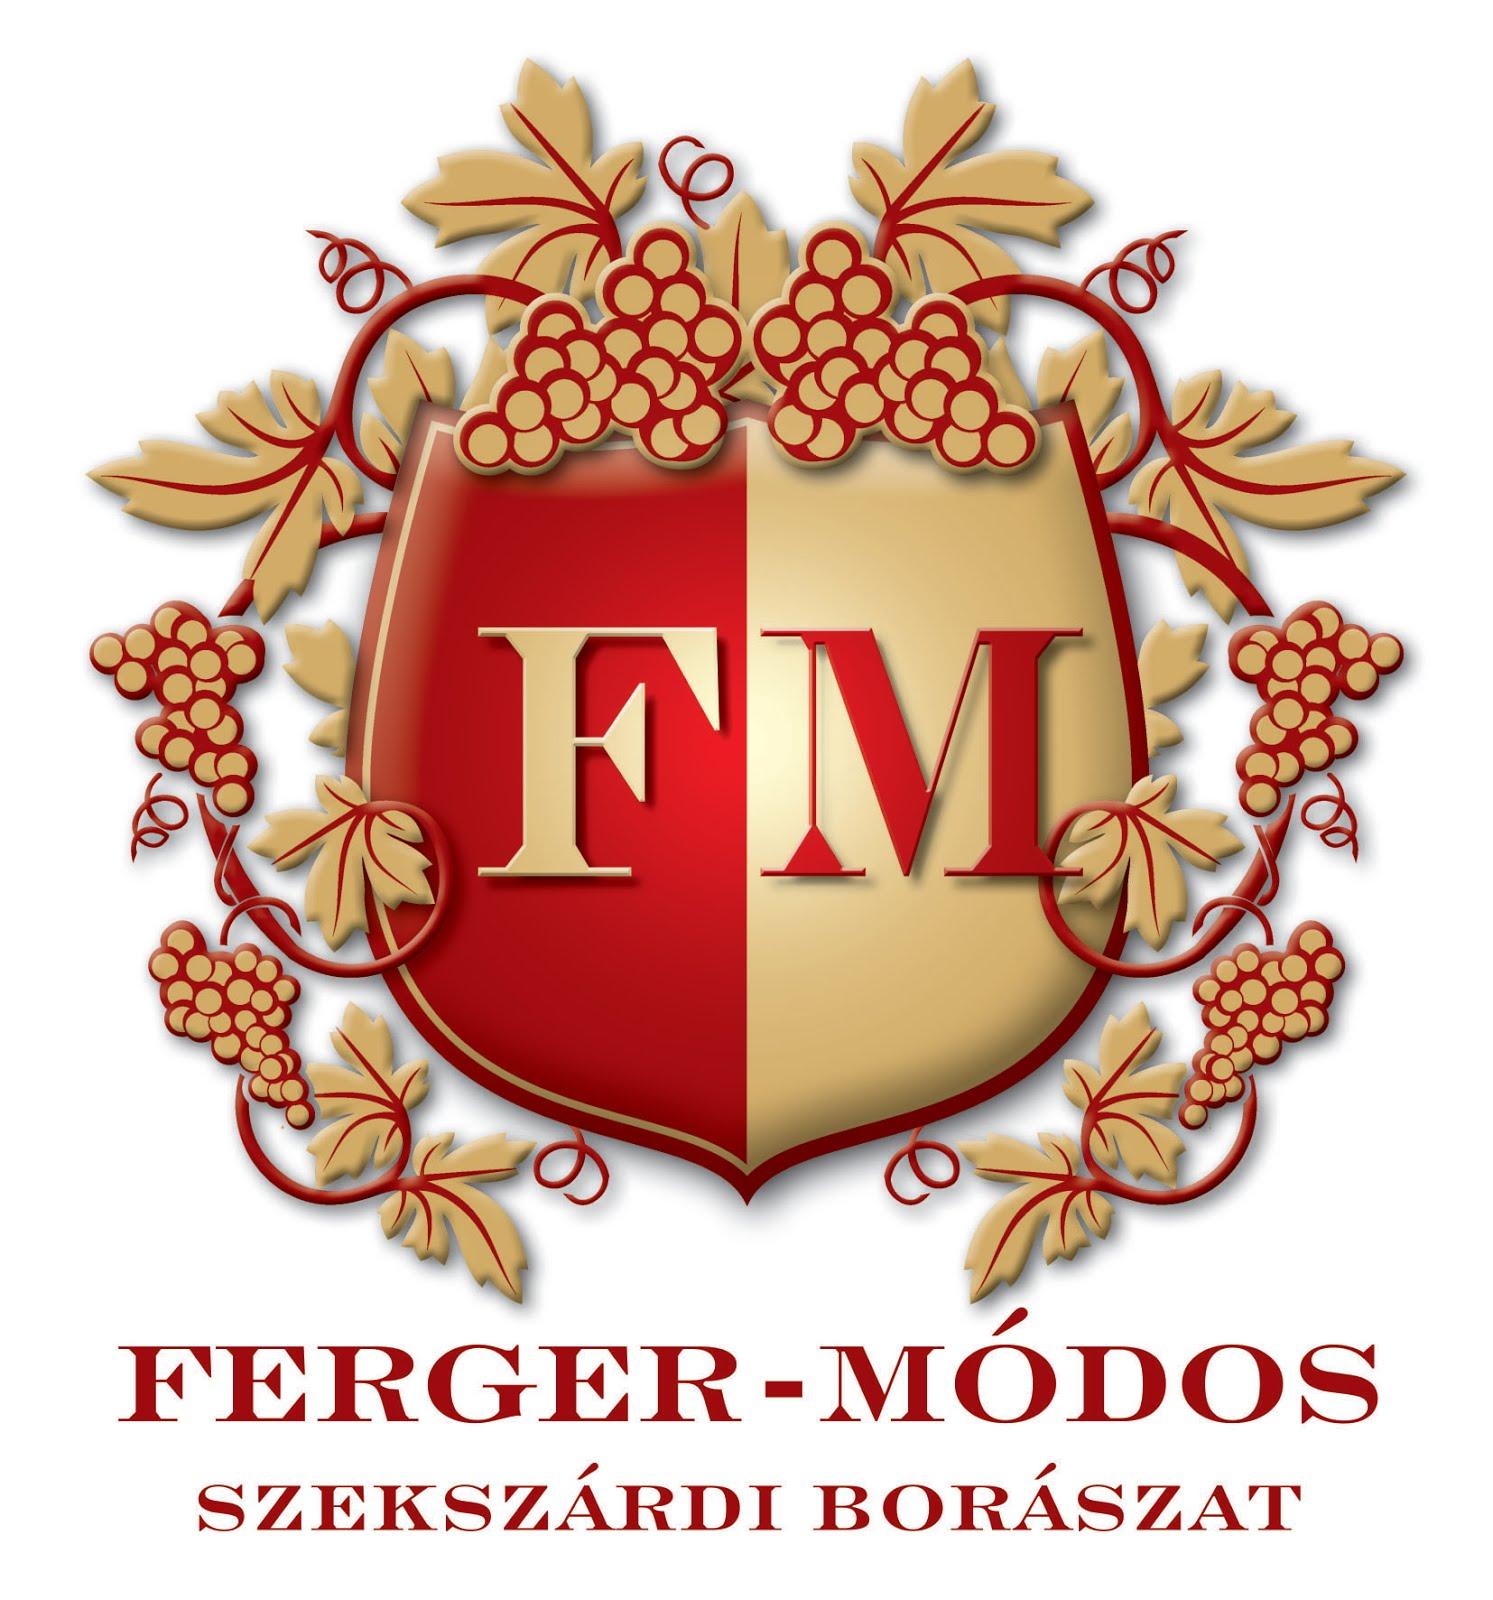 Ferger-Módos Szekszárdi Borászat